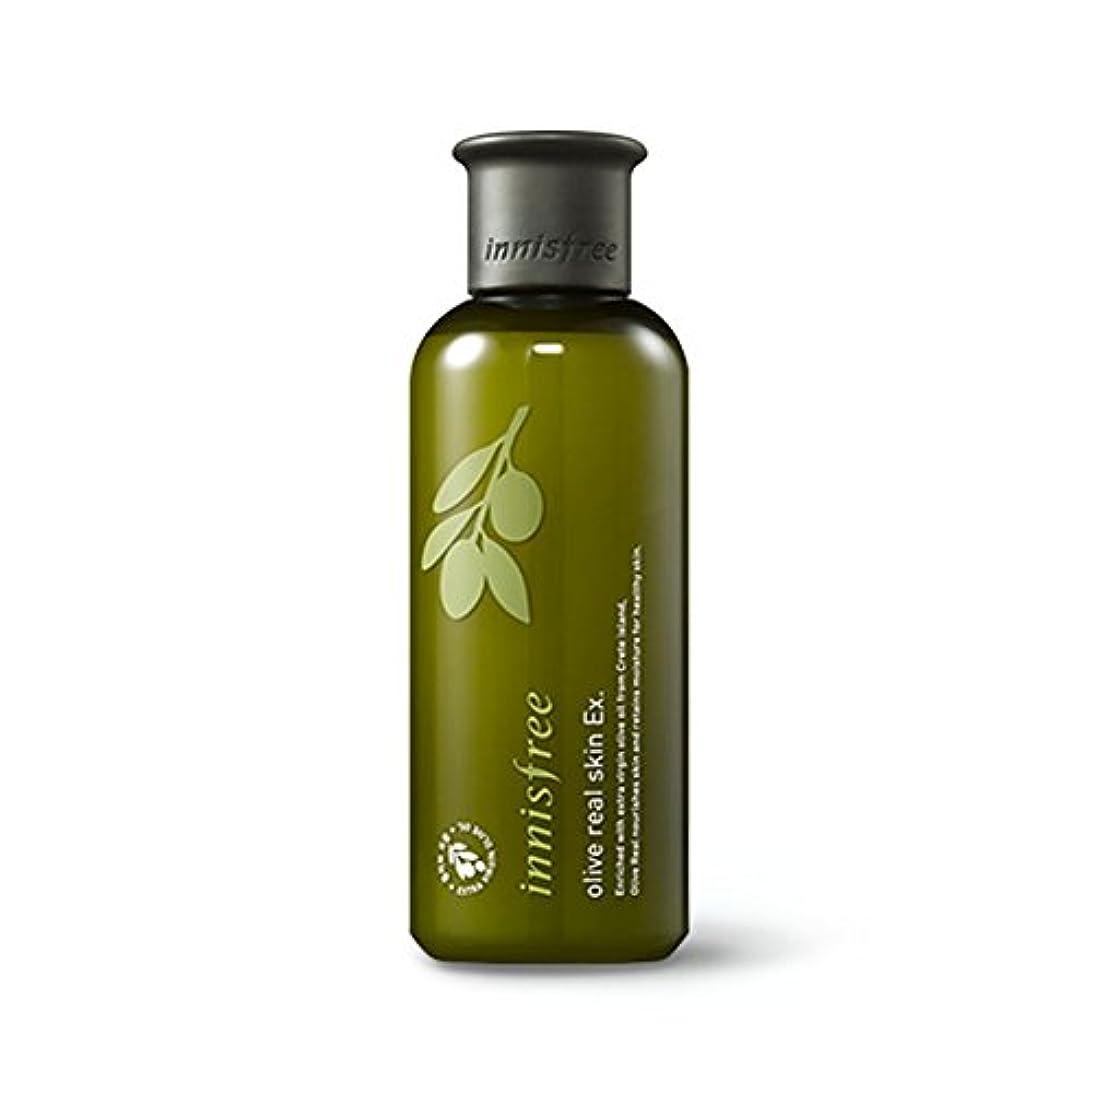 ロータリー謎摂動イニスフリーオリーブリアルスキン 200ml Innisfree Olive Real Skin Ex. 200ml [海外直送品][並行輸入品]